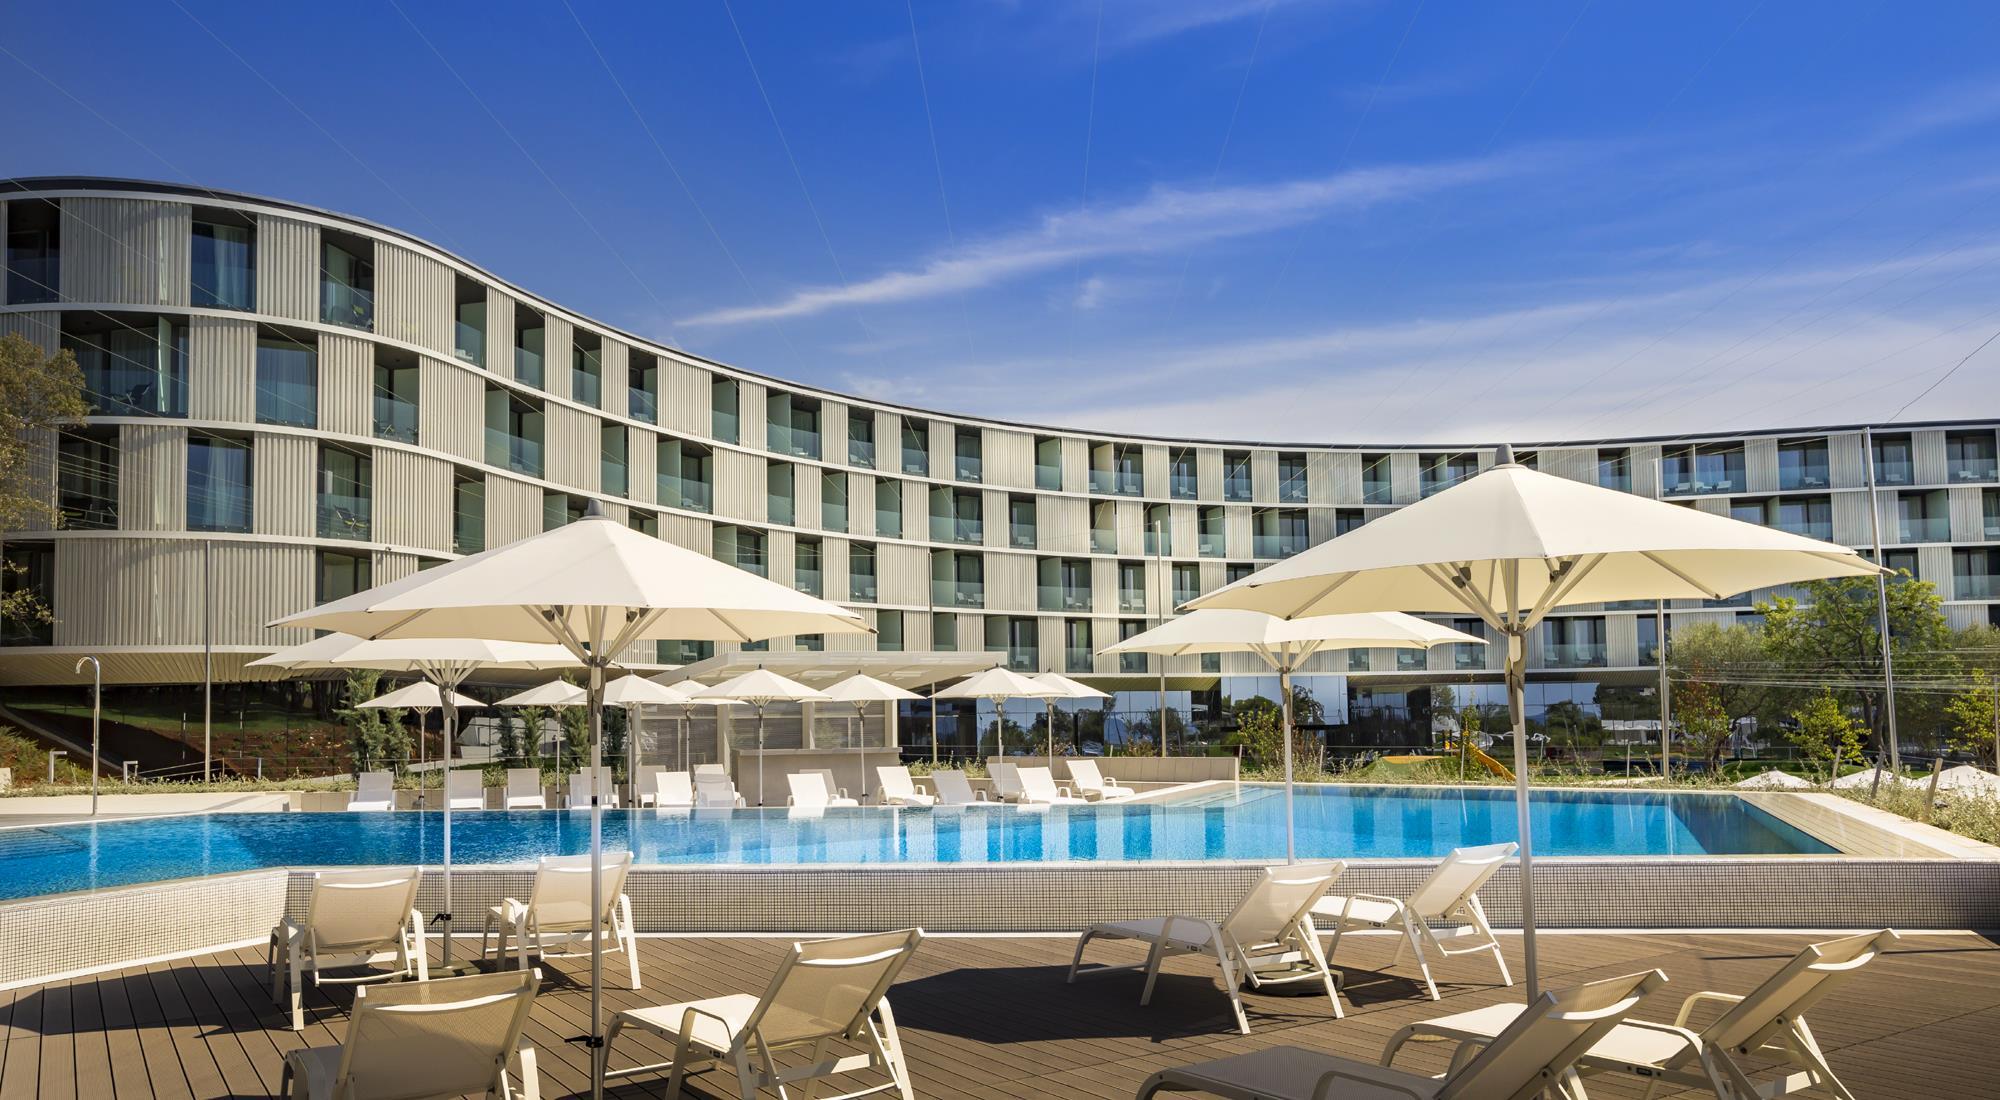 https://alukoenigstahl.mk/wp-content/uploads/2020/09/Hotel-Amarin-ref2-gross.jpg